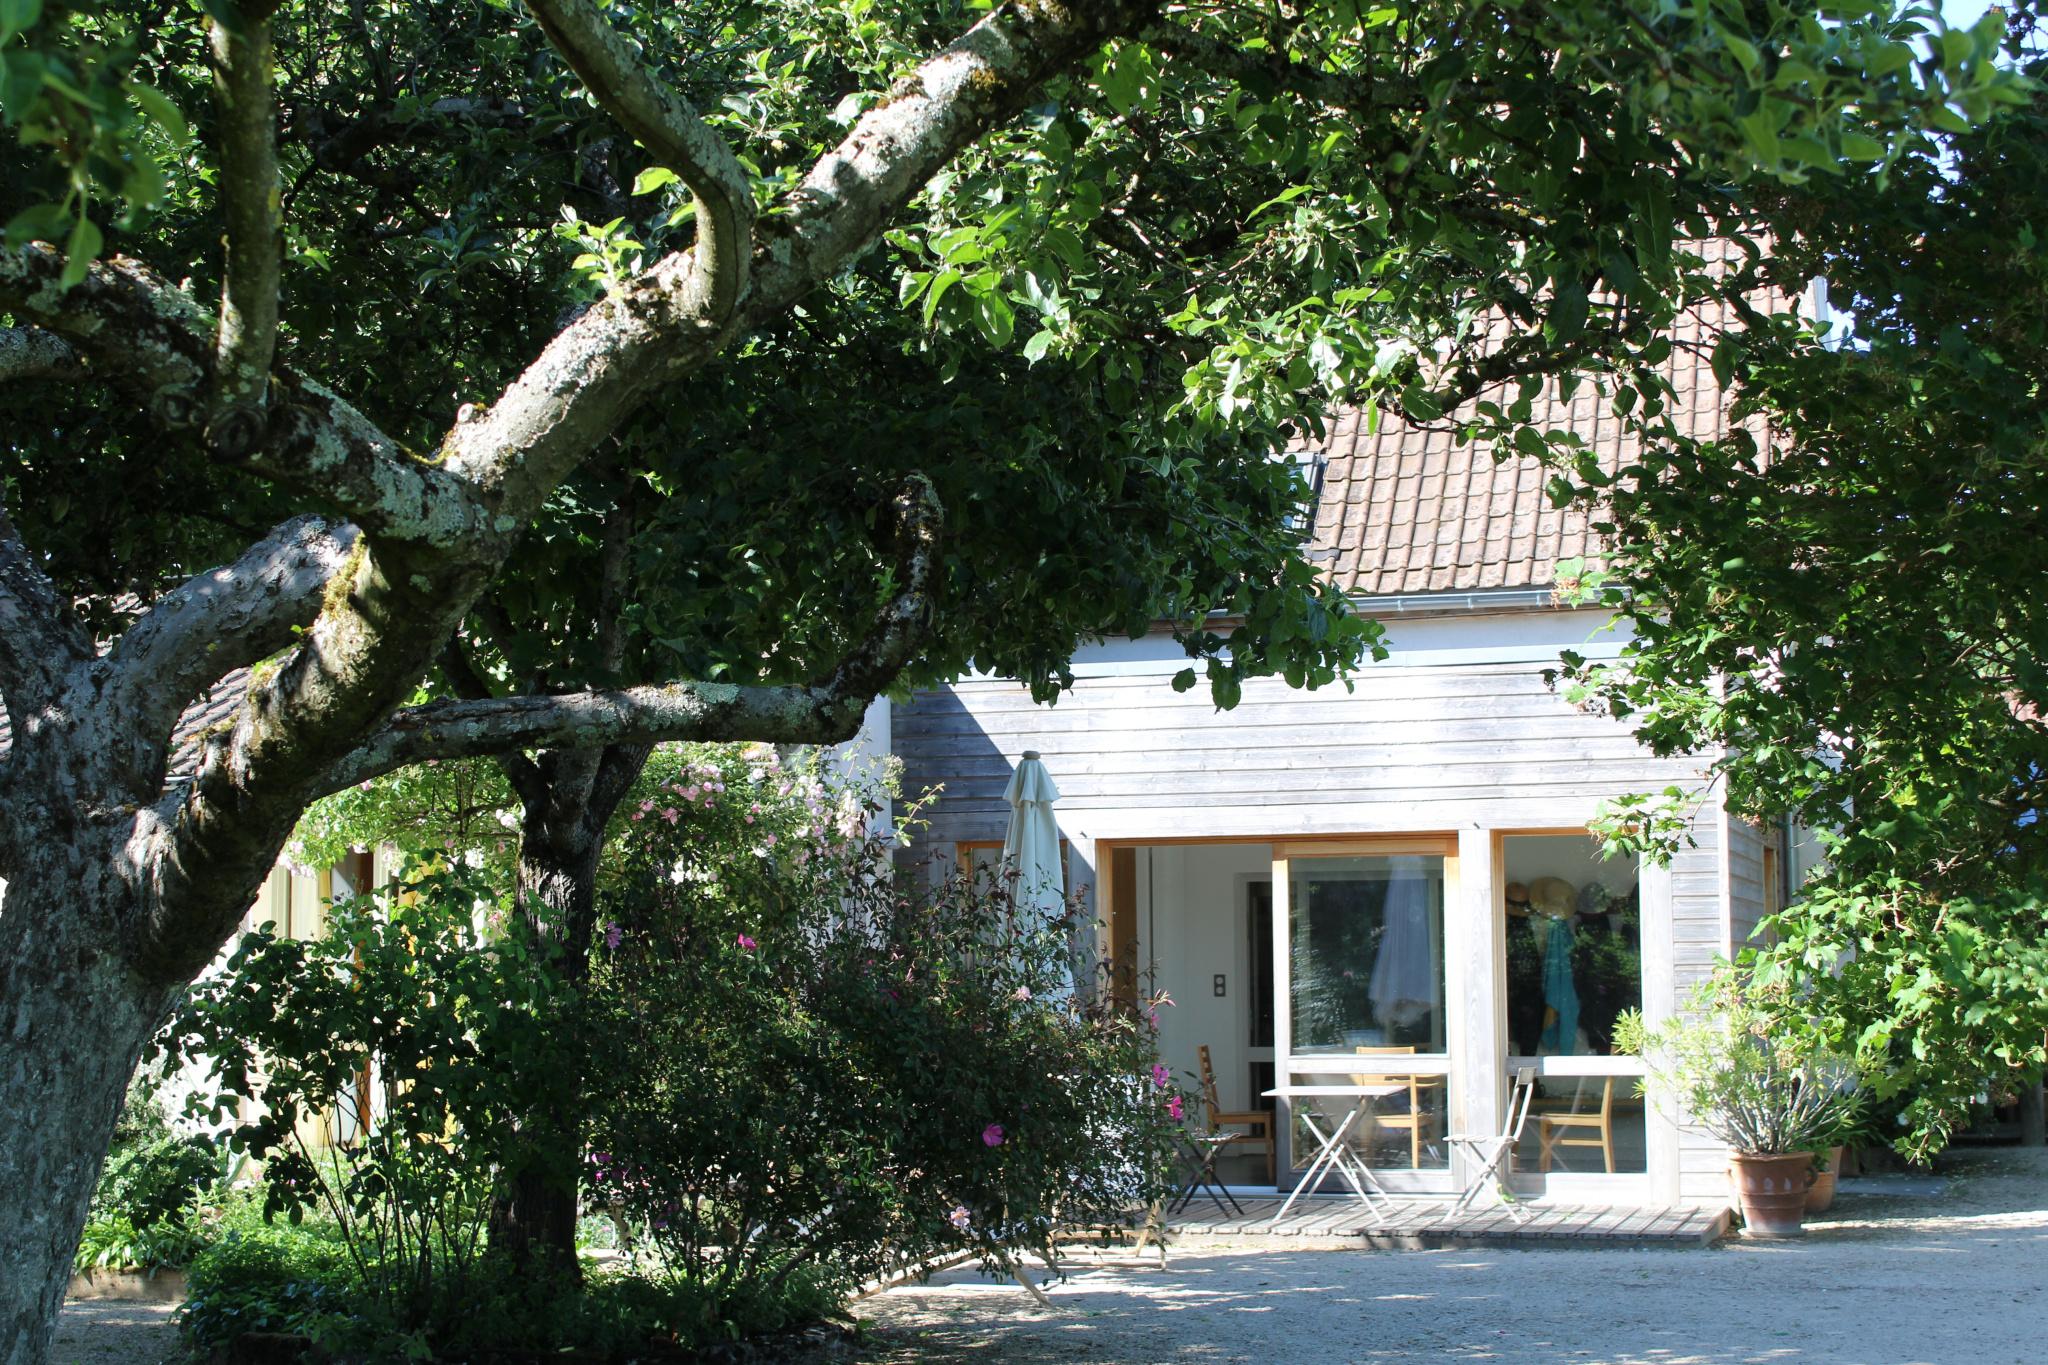 Vente maison/villa corcelles les arts